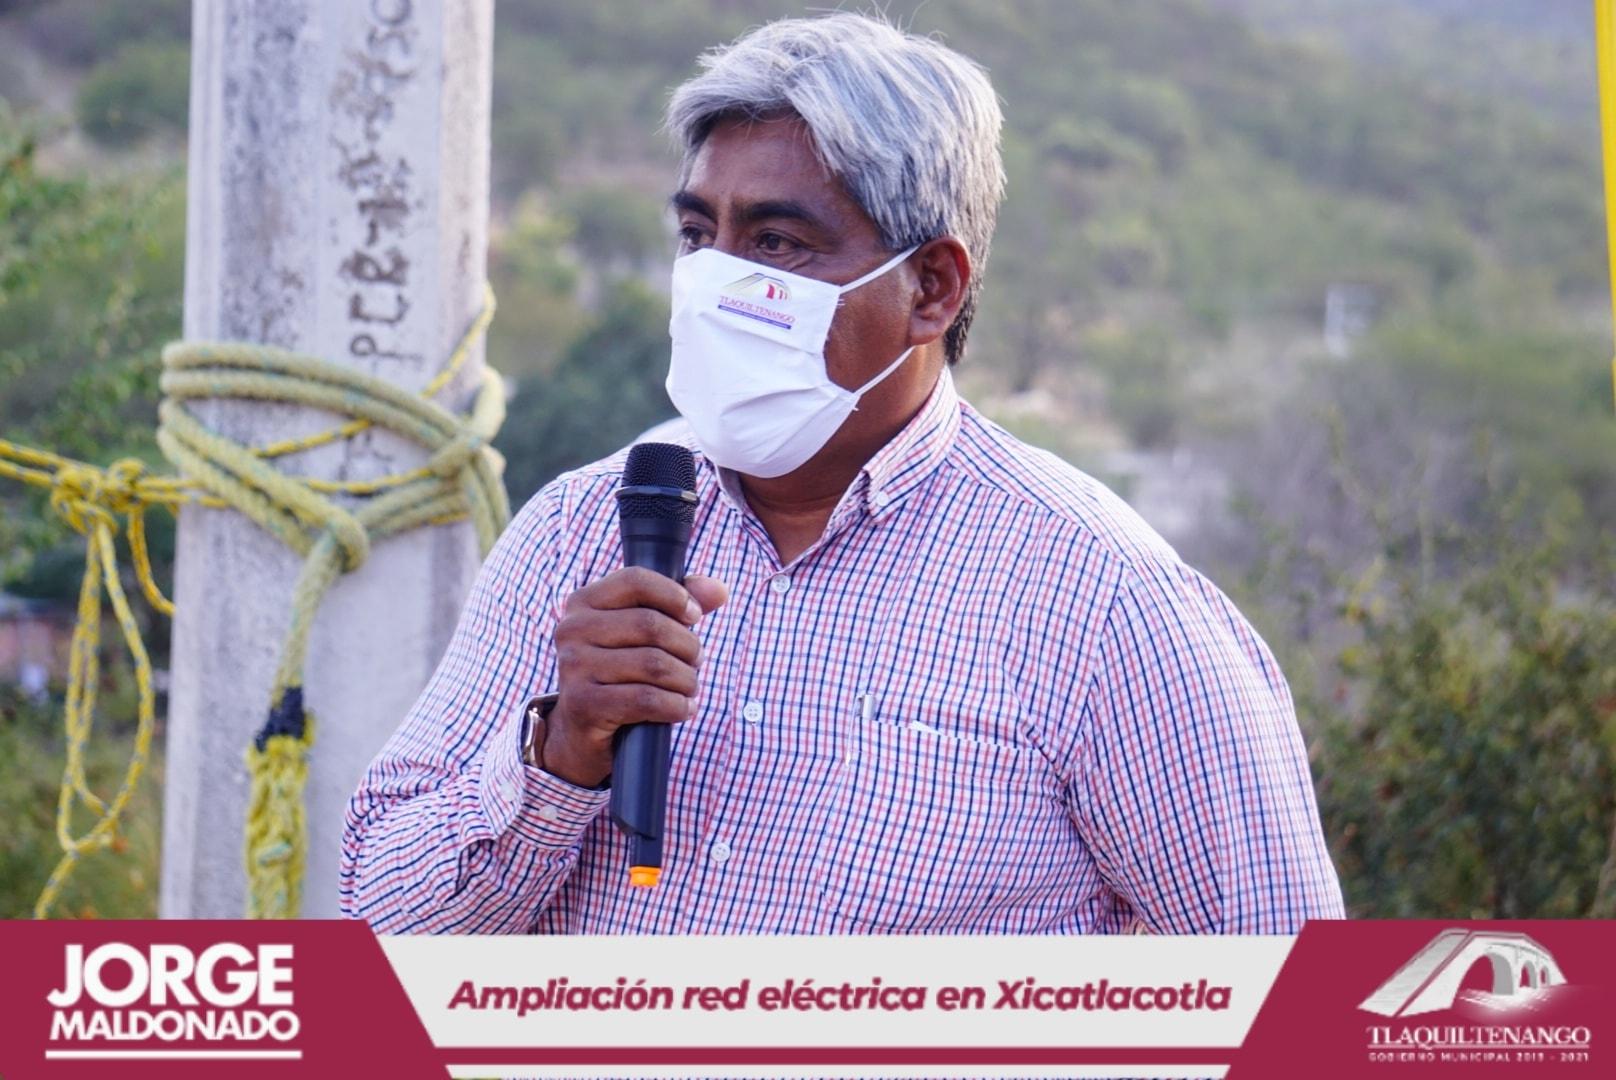 Entrega de Obra en la Comunidad de Xicatlacotla